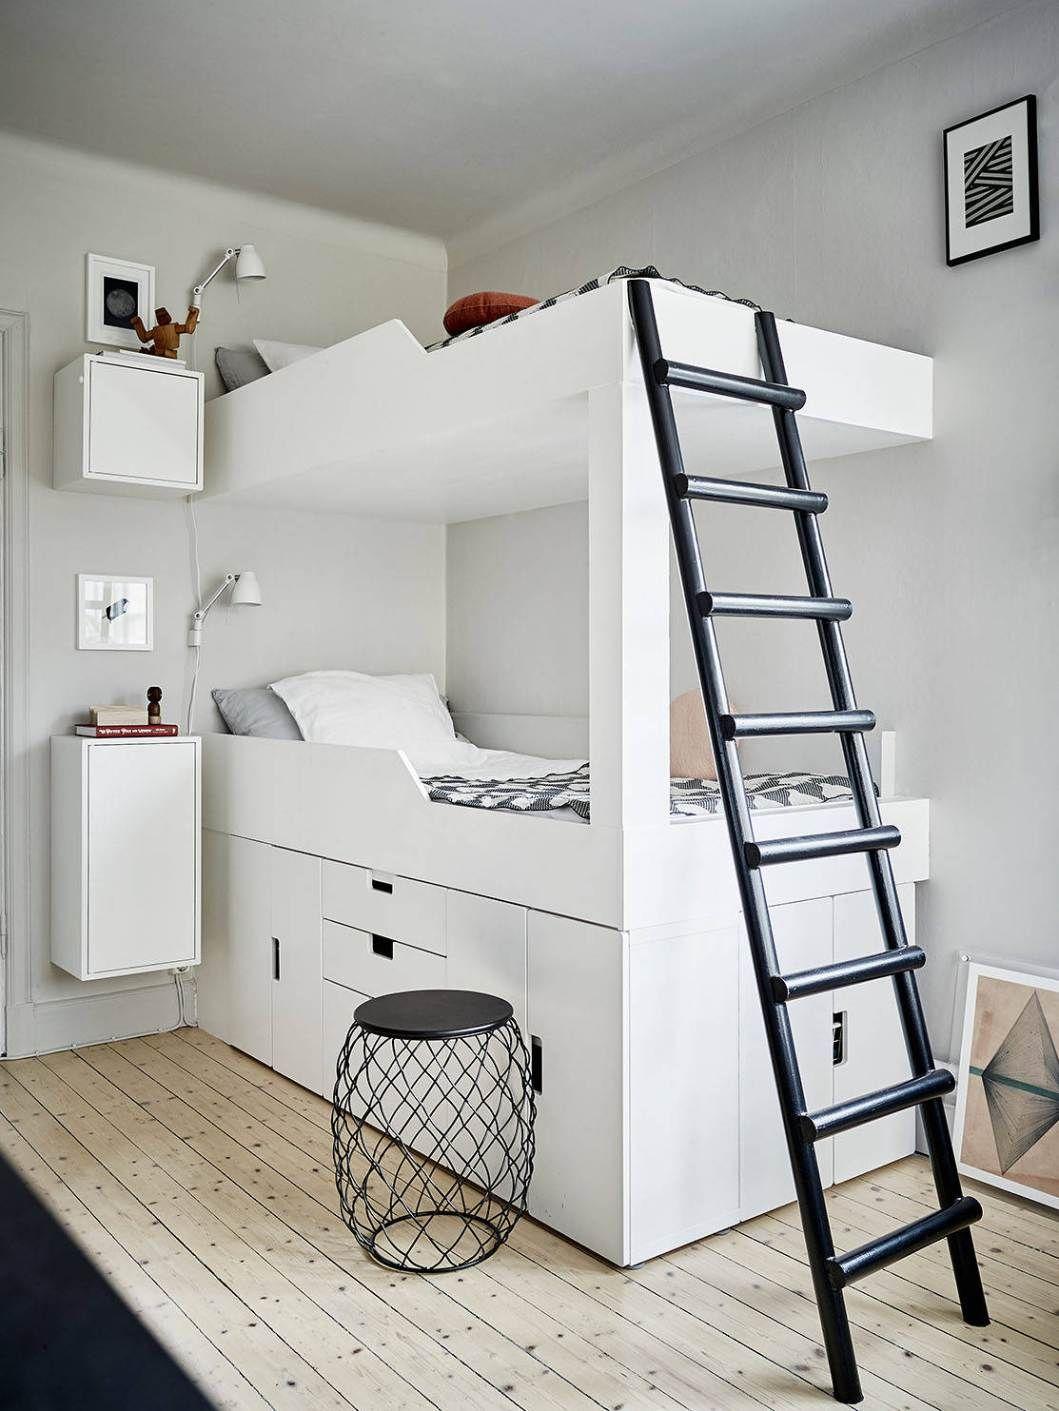 Zweiraum 13 | Kids room | Pinterest | Kinderzimmer, Hochbetten und ...